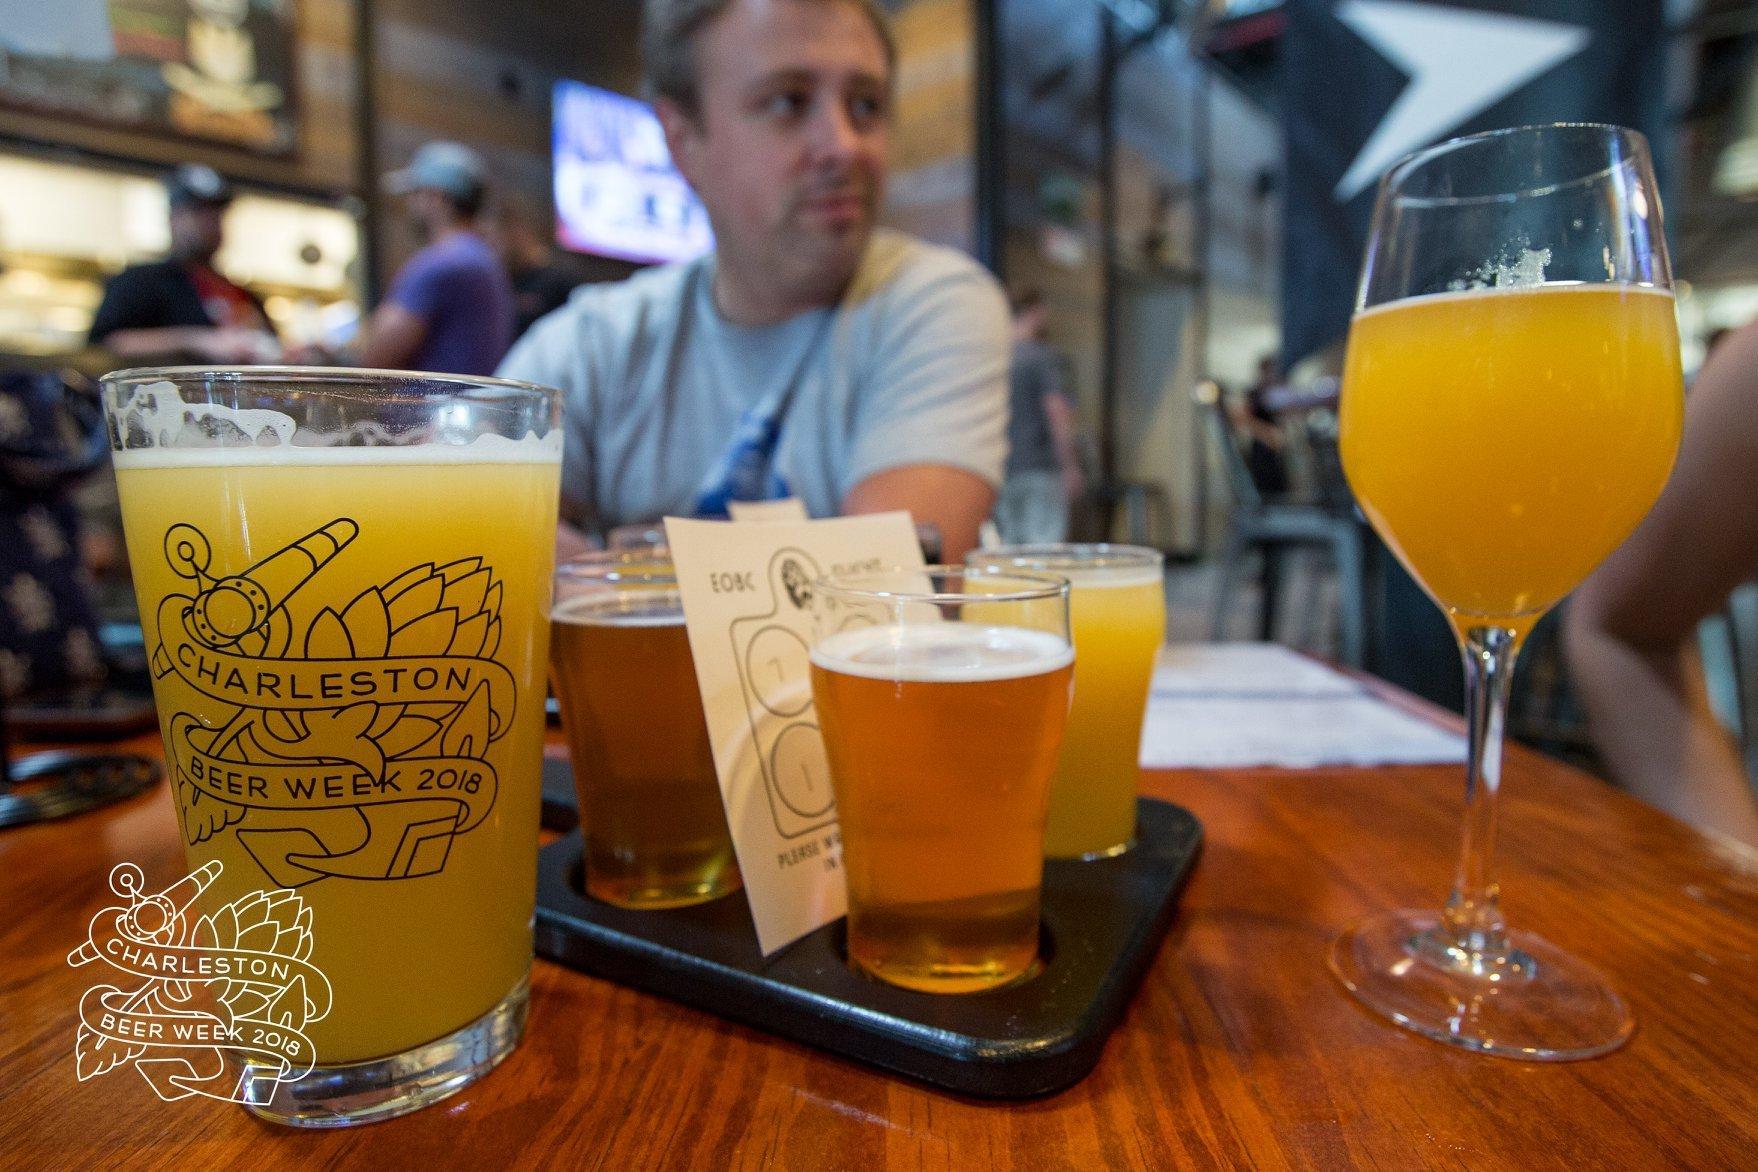 Beer tasting at the 2018 Charleston Beer Week